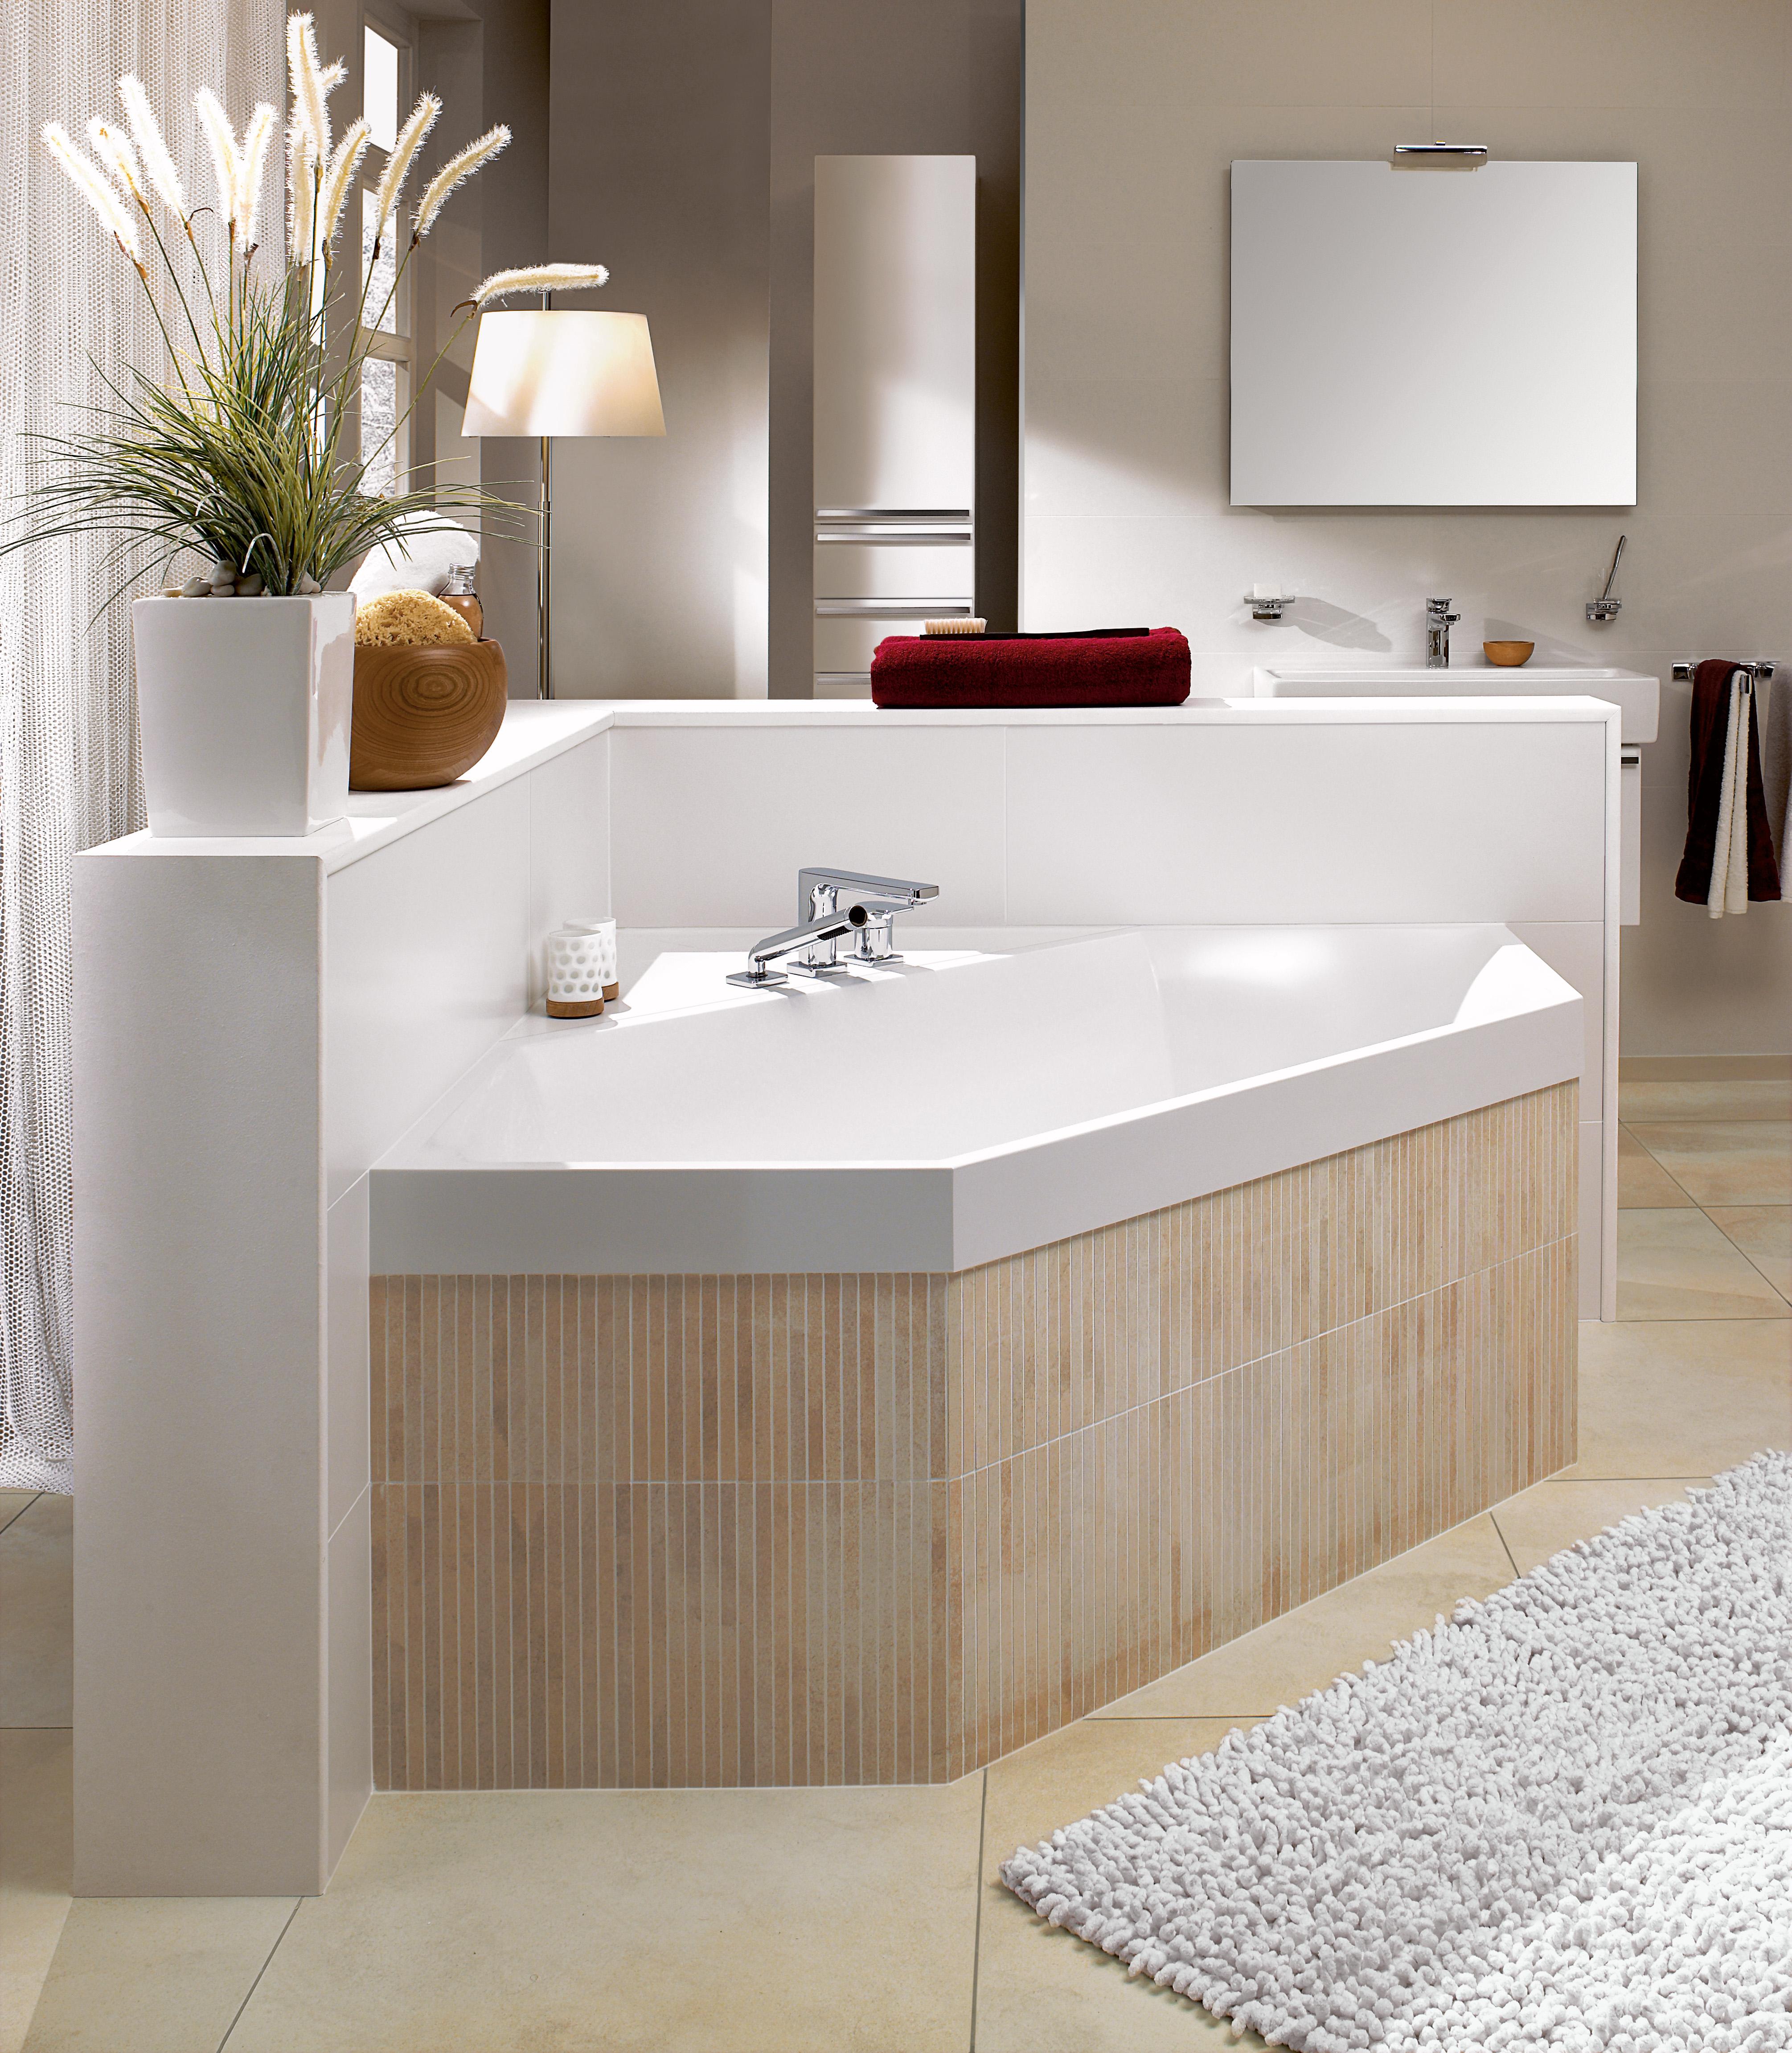 Squaro Bath, Baths, Hexagonal baths